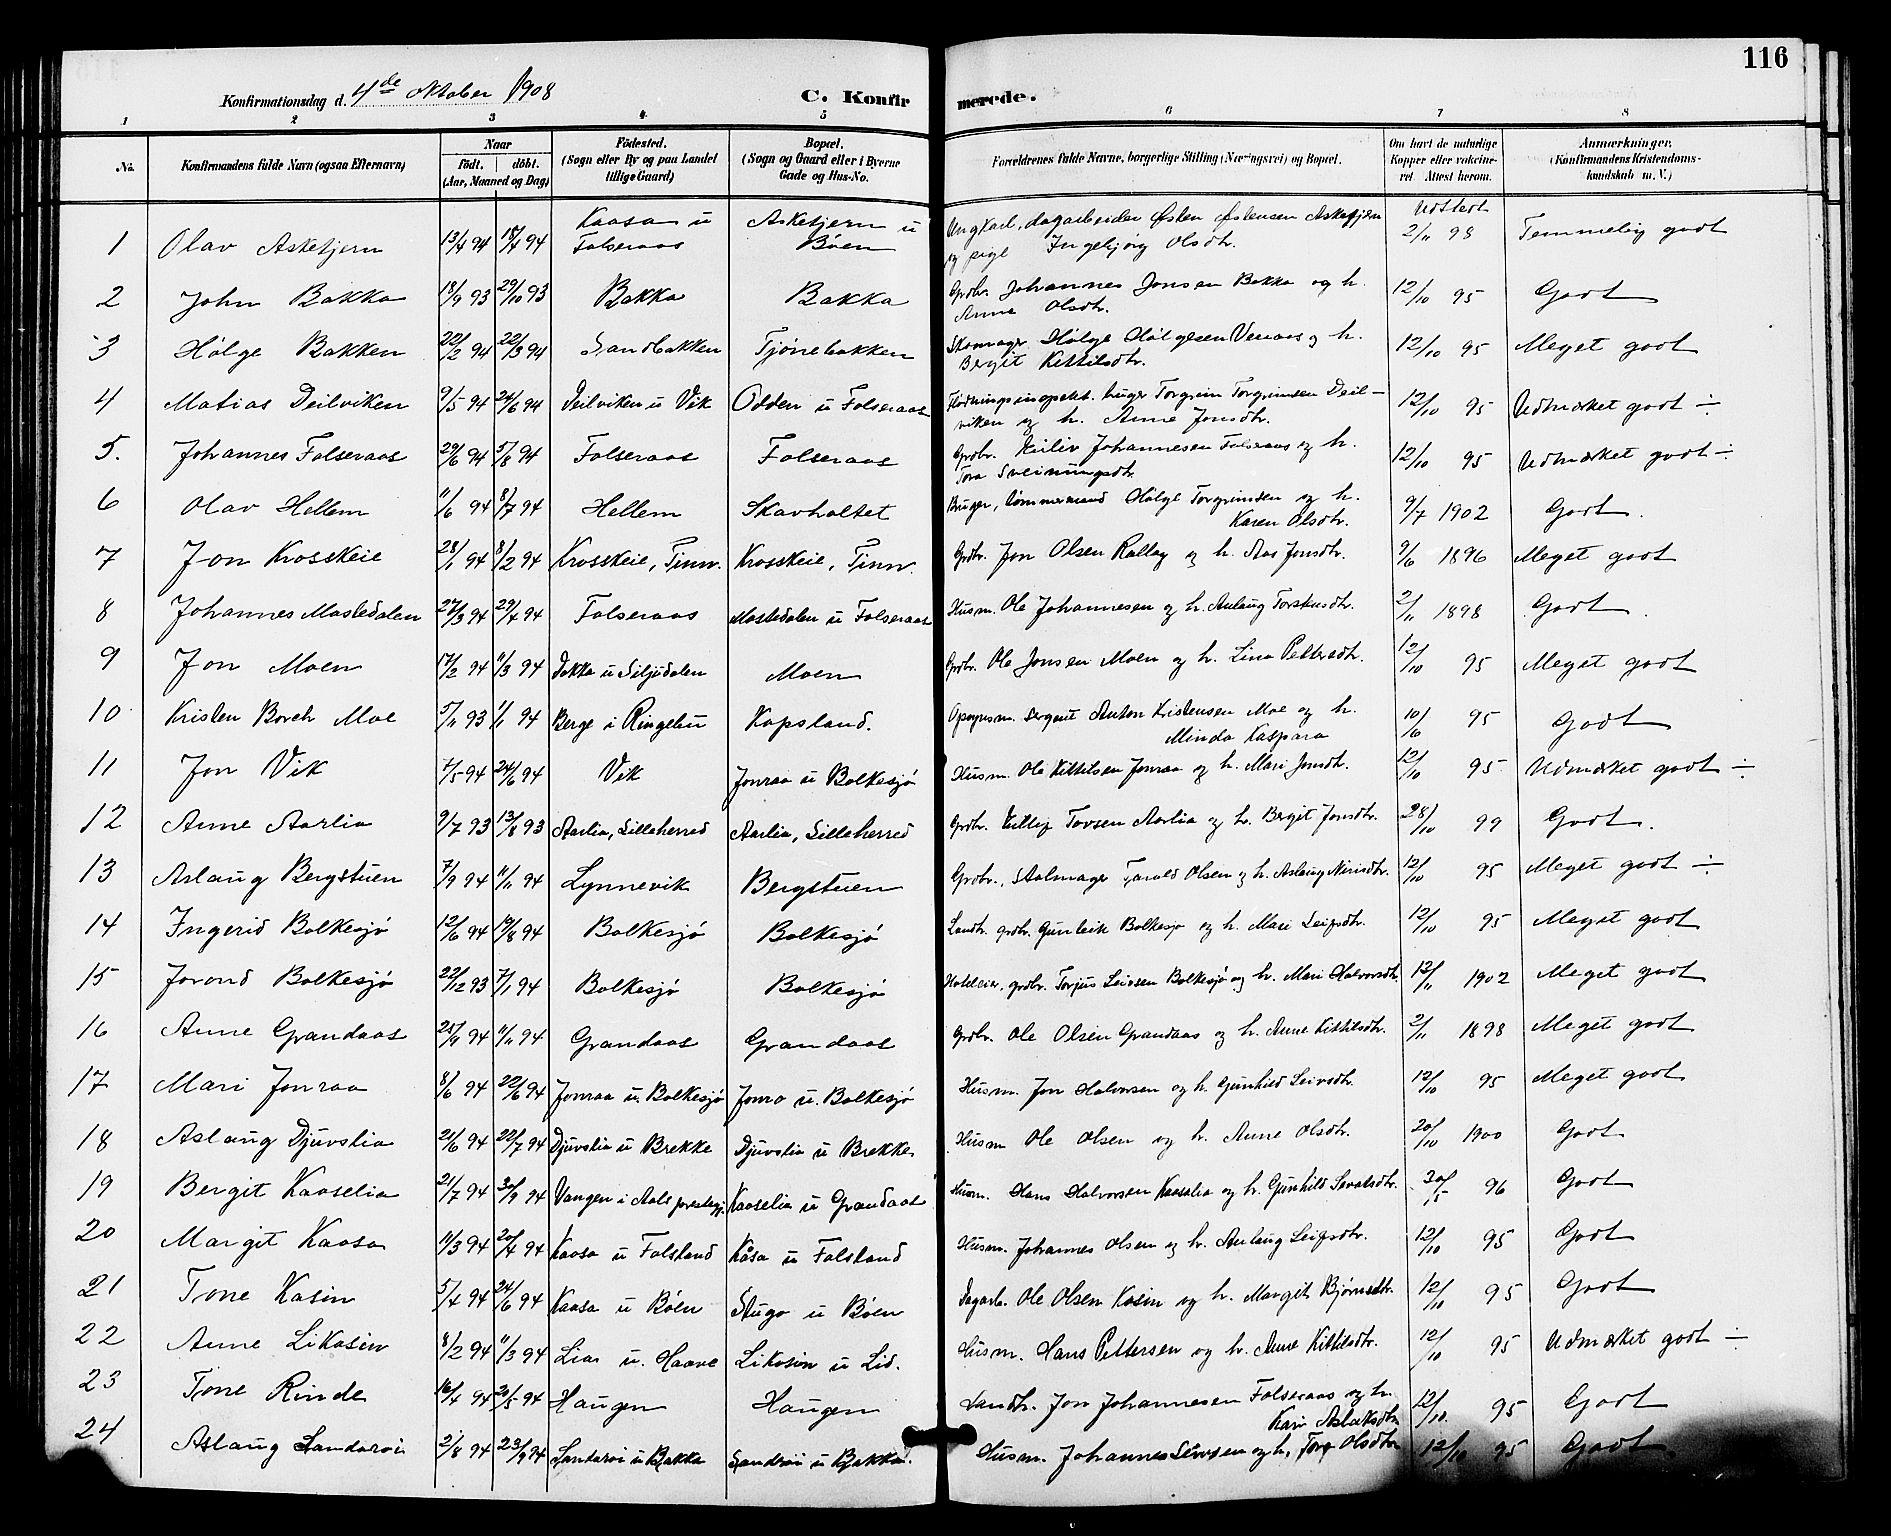 SAKO, Gransherad kirkebøker, G/Ga/L0003: Klokkerbok nr. I 3, 1887-1915, s. 116